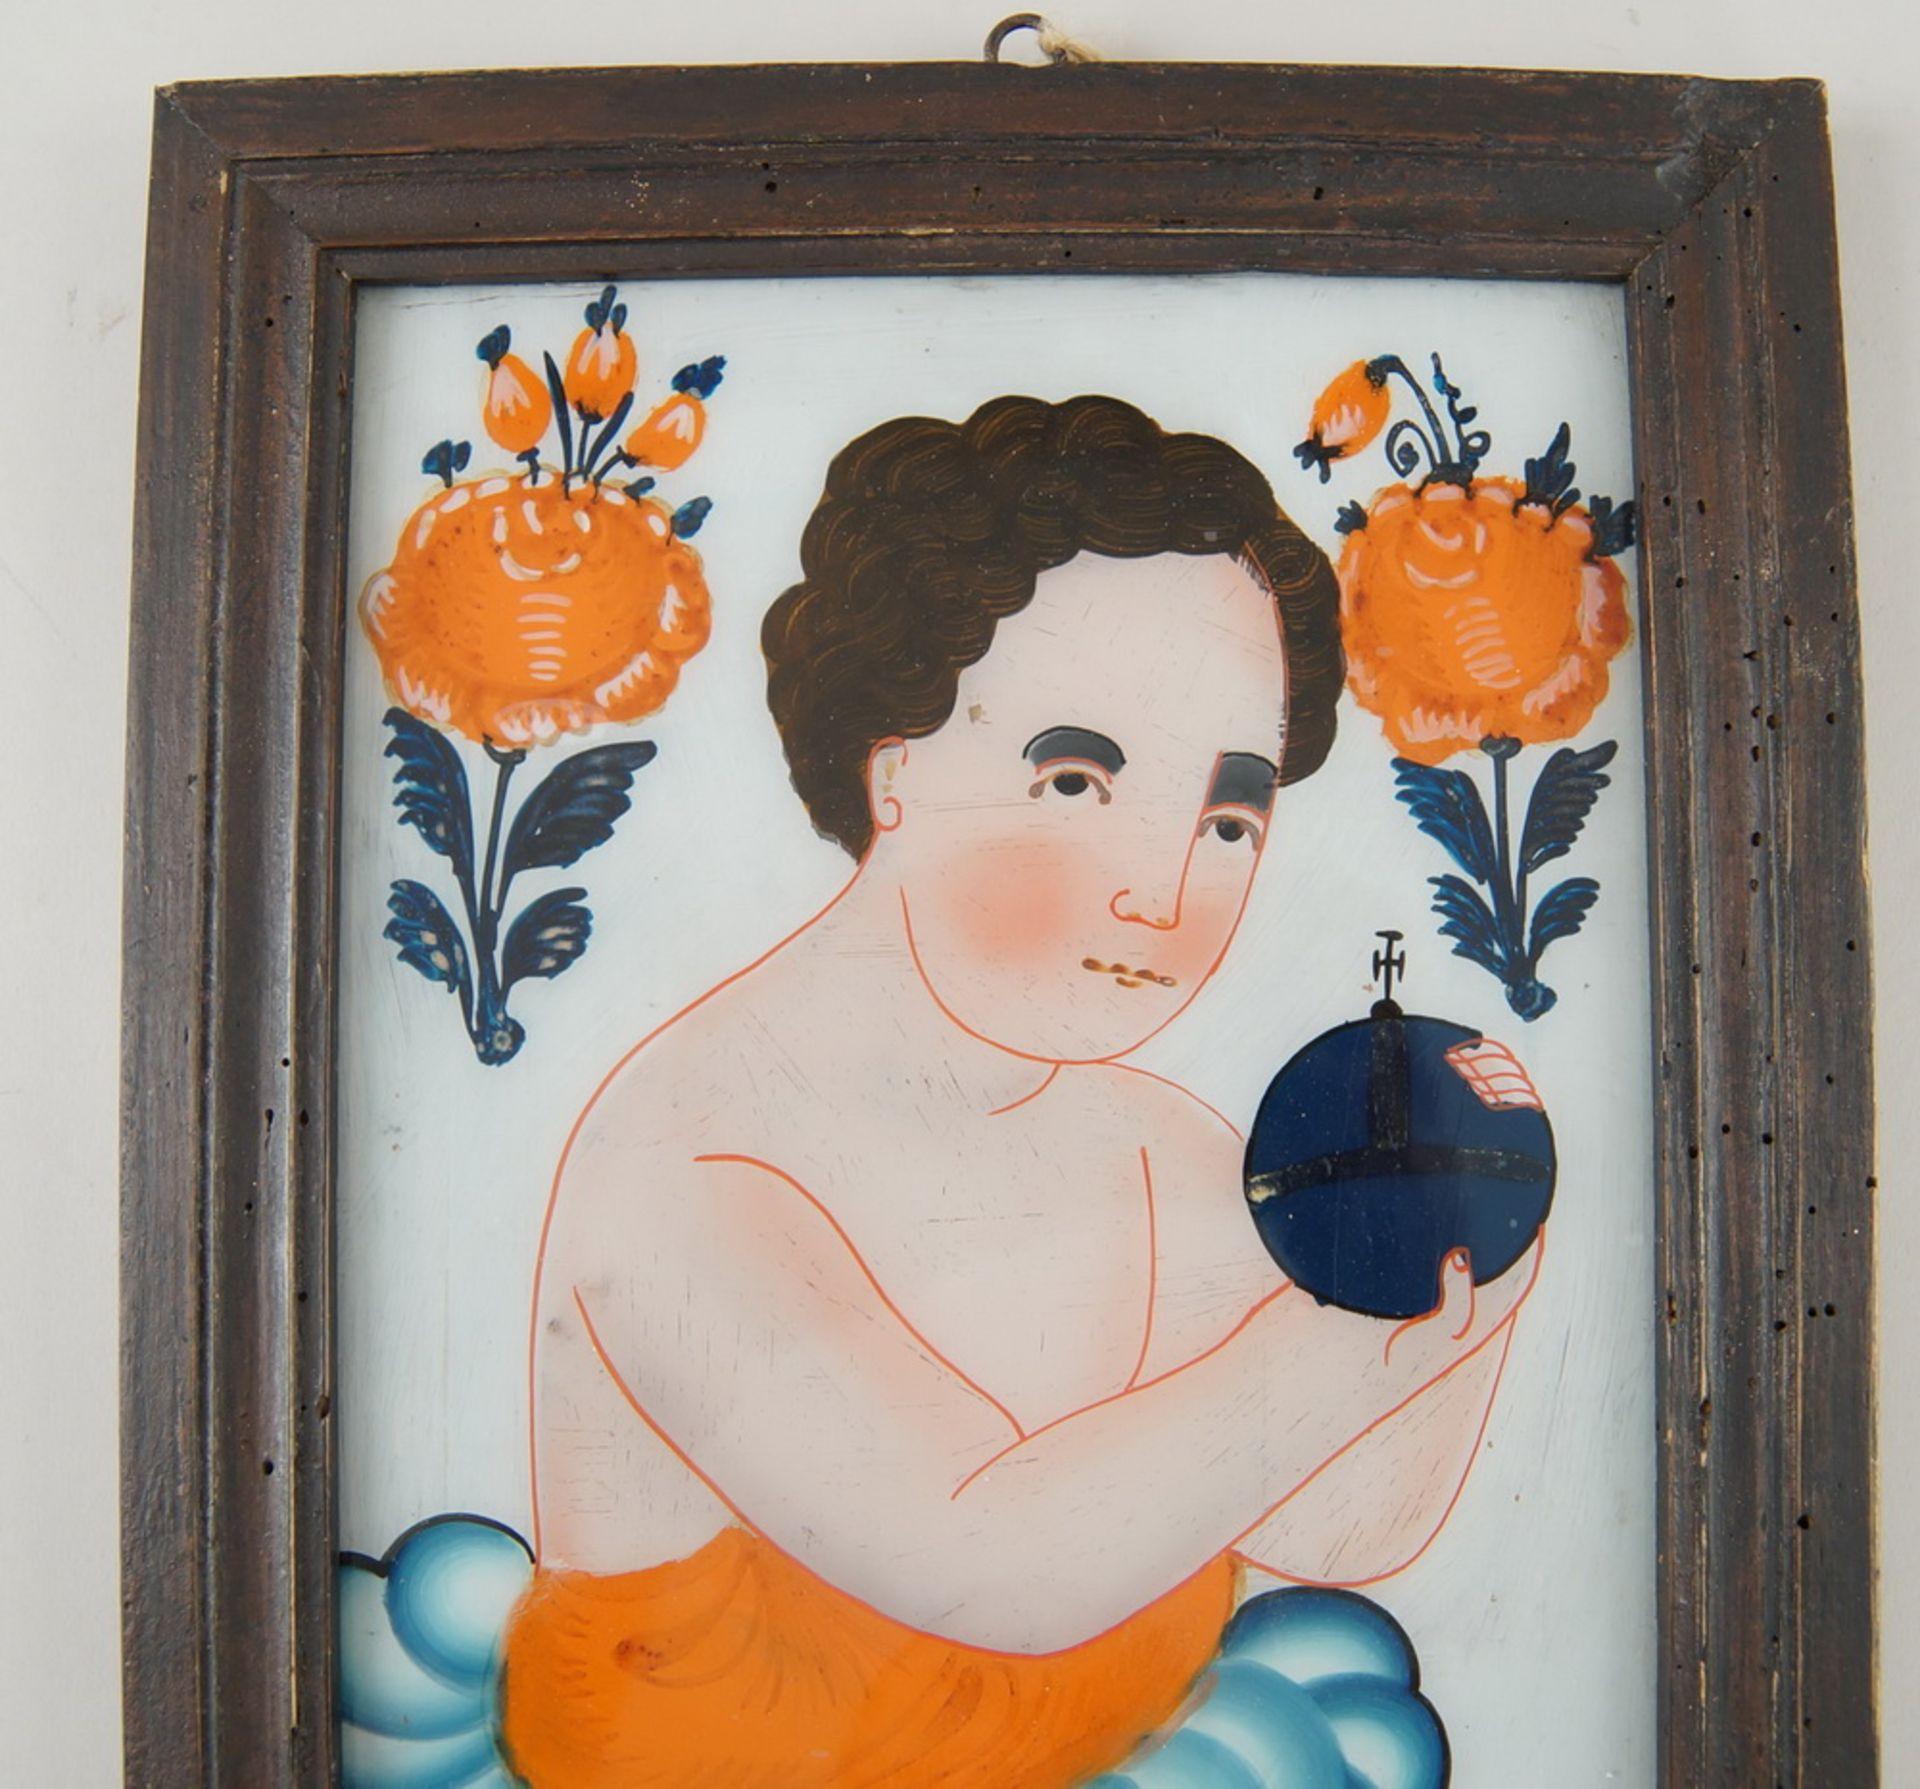 Hinterglasbild / Hinterglasmalerei, Jesuskind, mit Holzrahmen, 30,5x22,5cm - Bild 4 aus 5